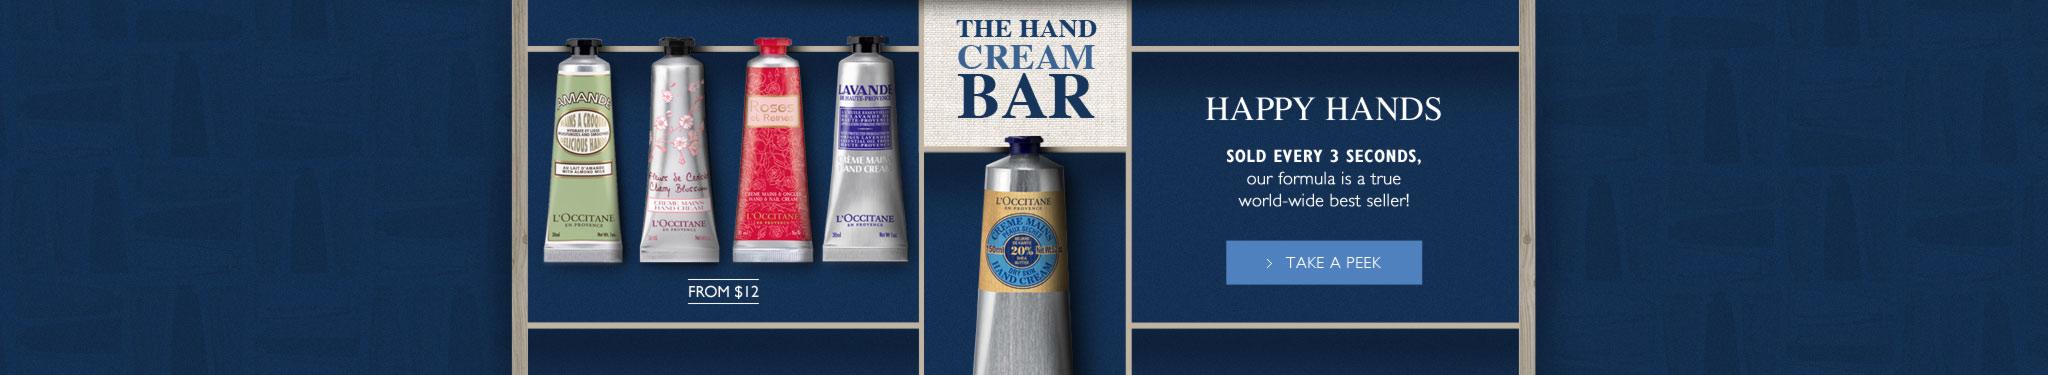 Shea Hand Cream Bar